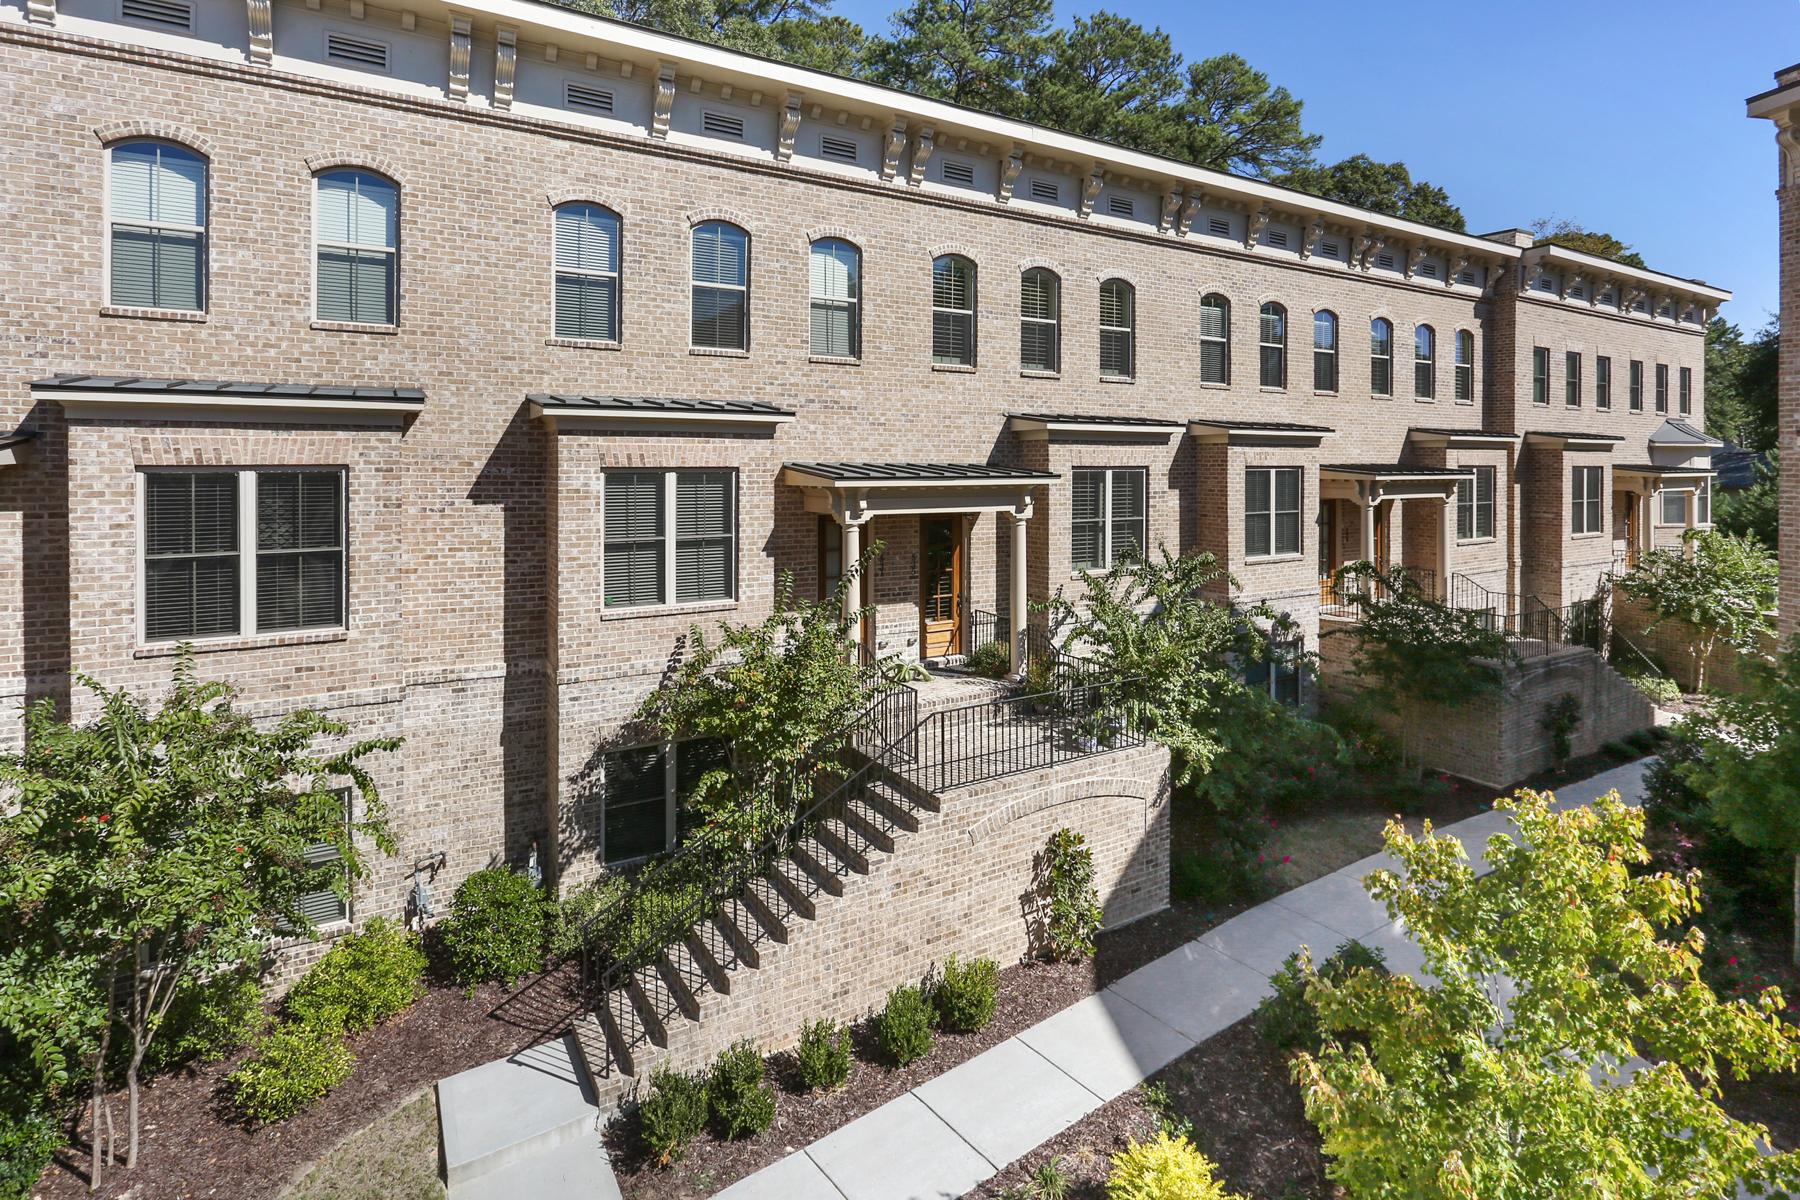 타운하우스 용 매매 에 Stunning Ansley Townhome 535 Ansley Circle NE #606 Atlanta, 조지아, 30324 미국